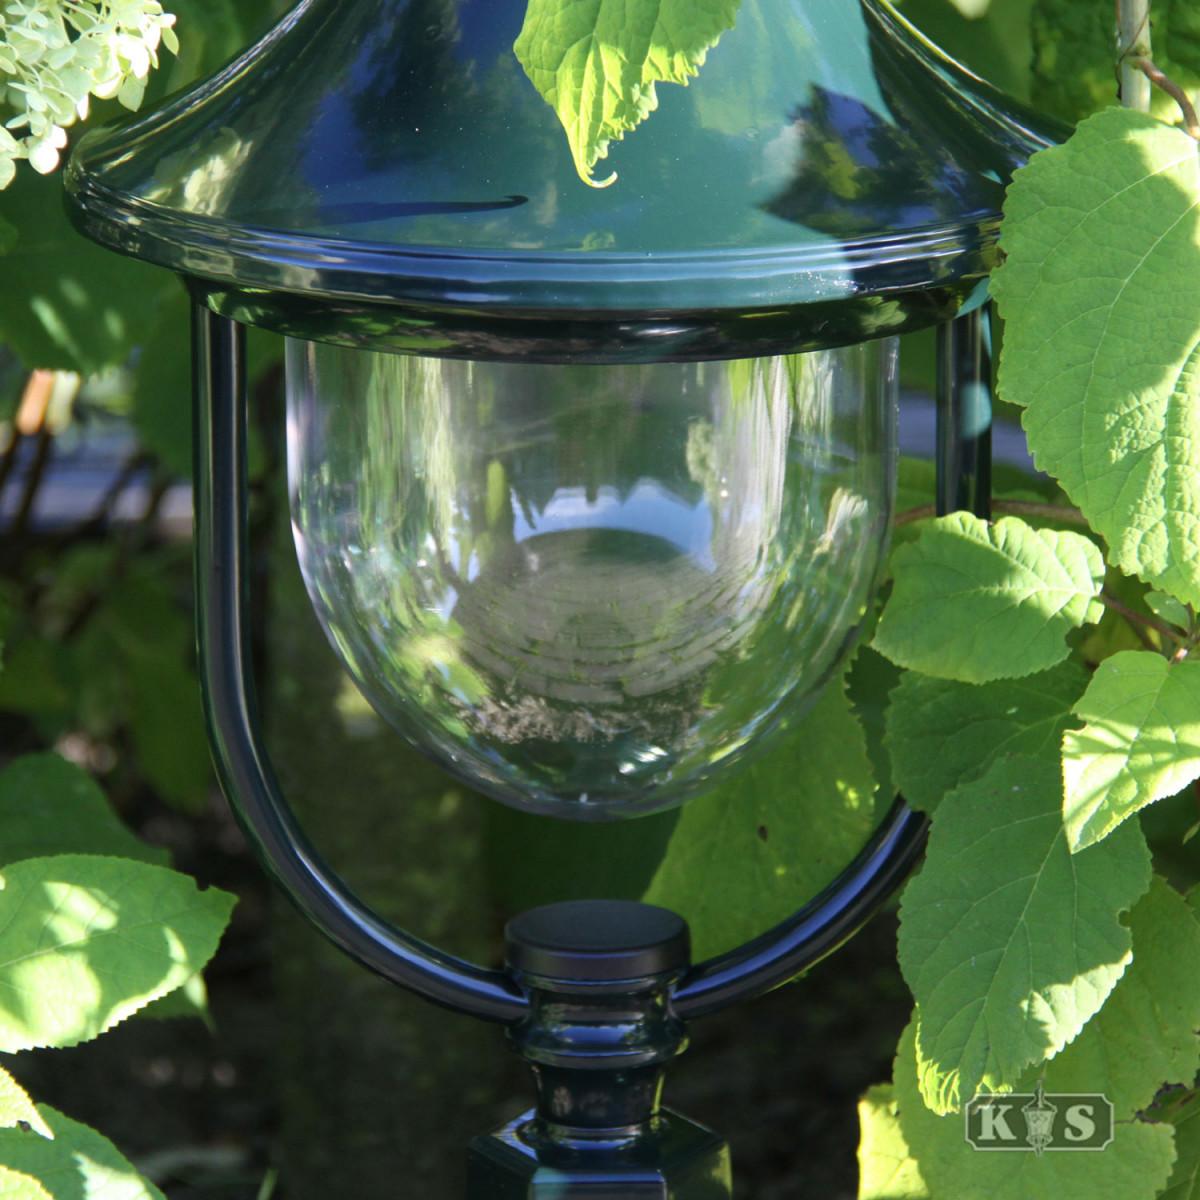 Venetie Terras (5043) - KS Verlichting - Semi Klassiek Landelijk